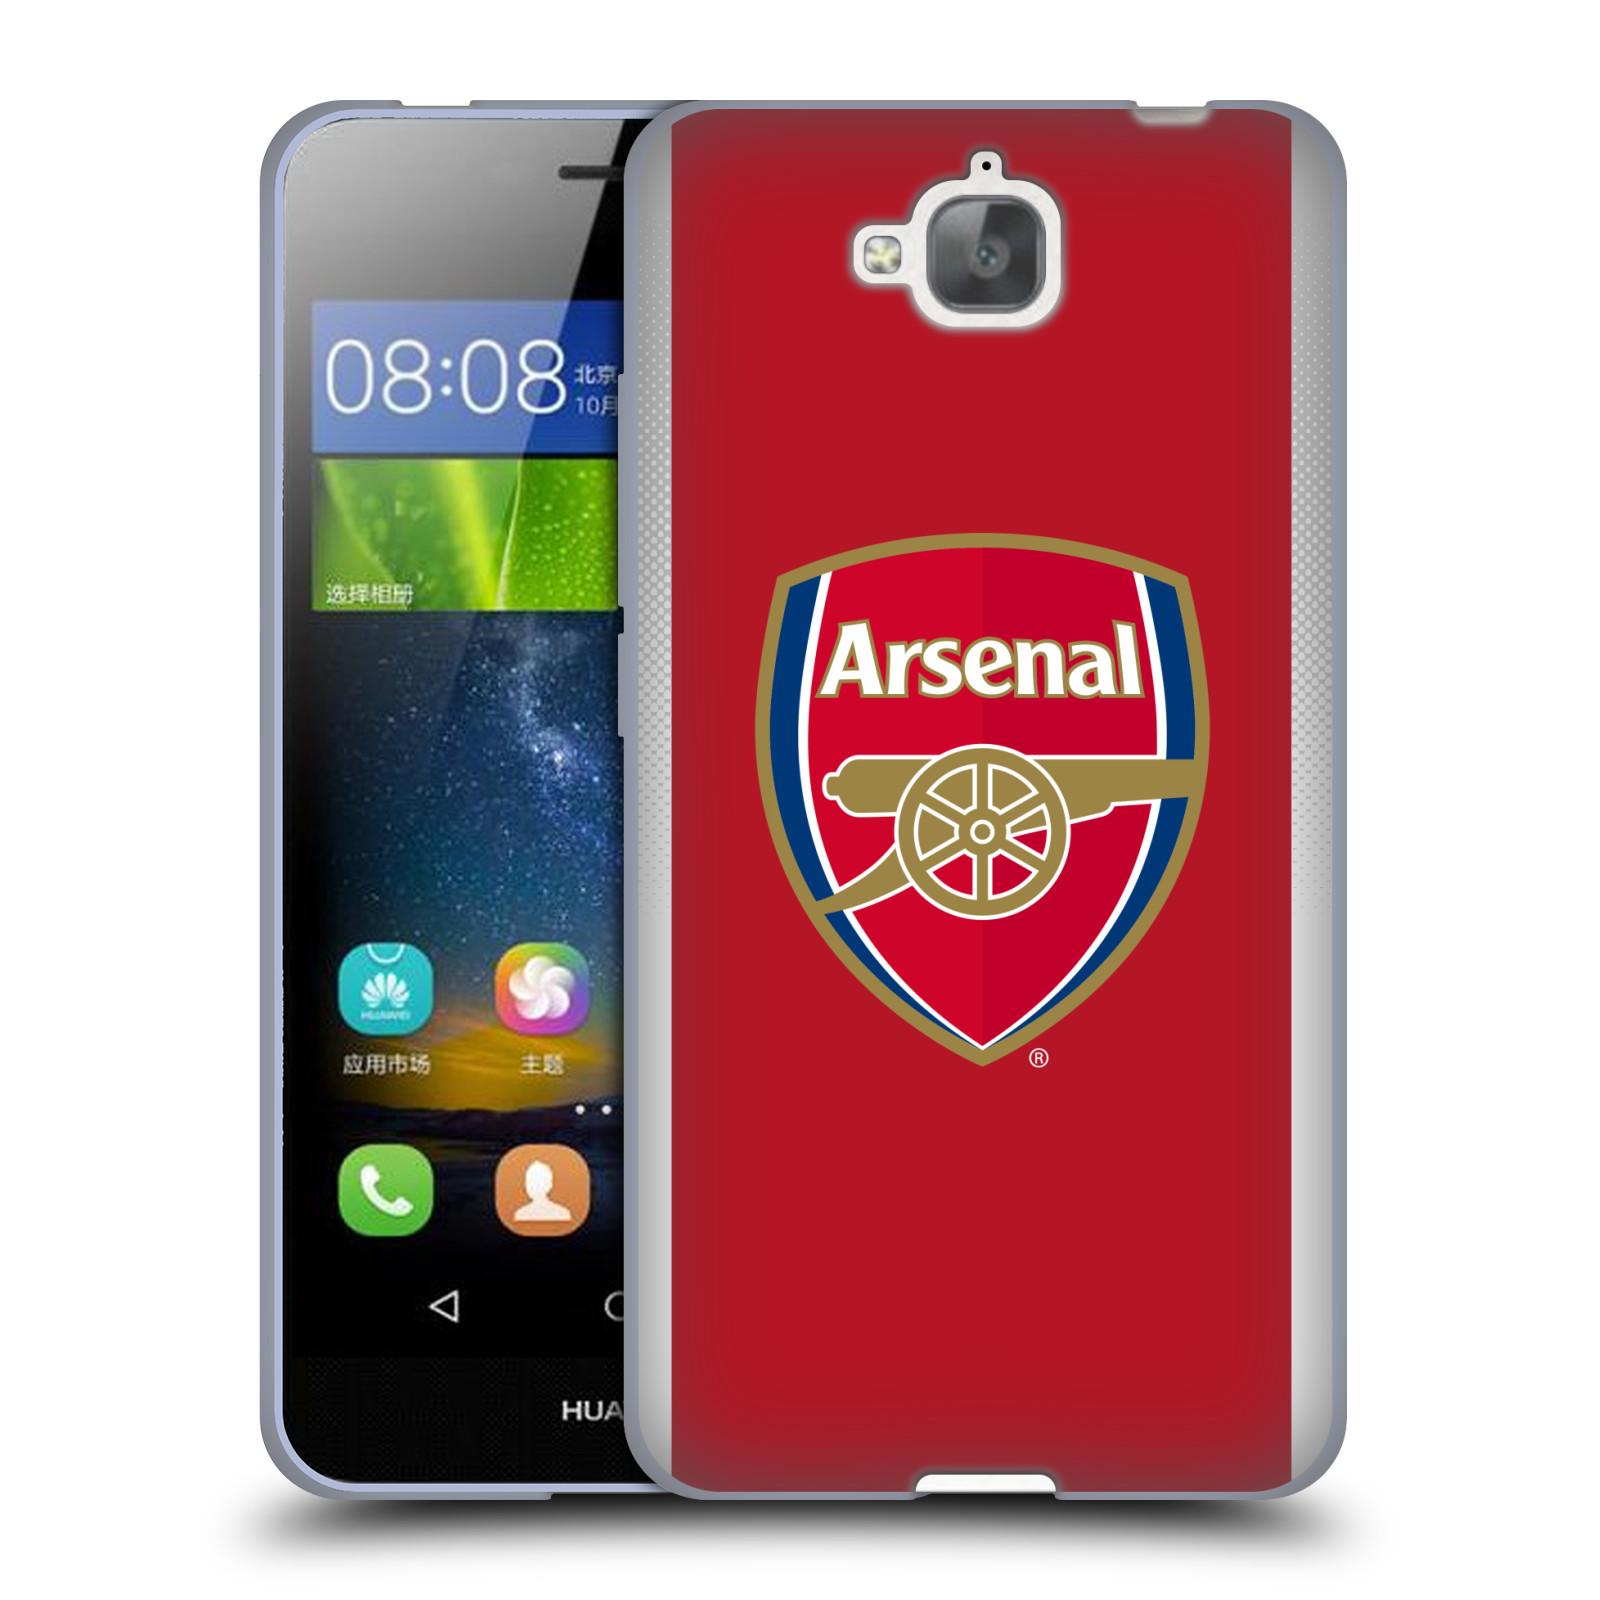 Silikonové pouzdro na mobil Huawei Y6 Pro Dual Sim - Head Case - Arsenal FC - Logo klubu